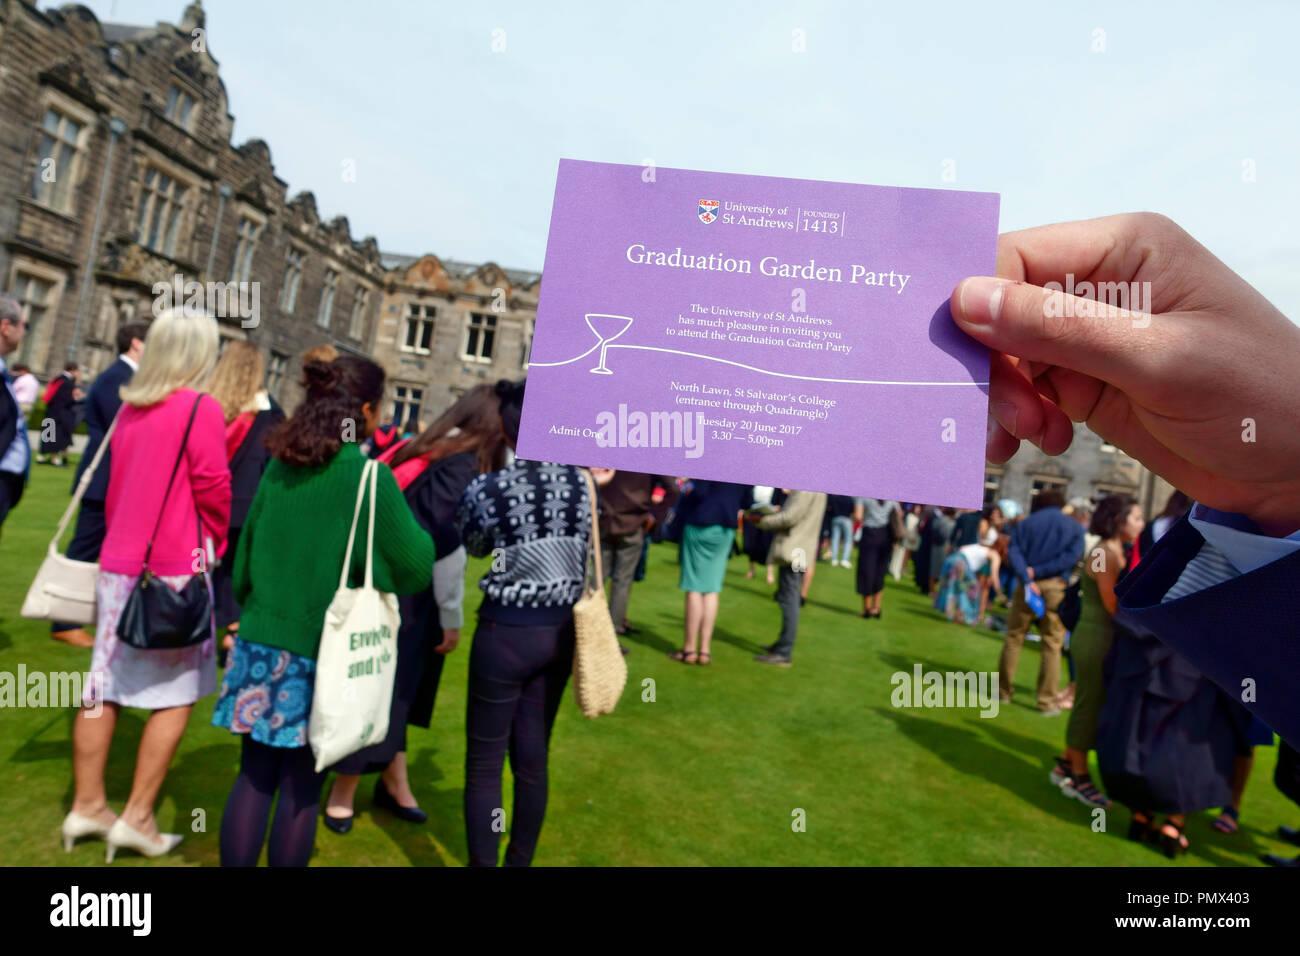 Universität St. Andrews Einladung zu den Absolvent Garden Party Stockfoto